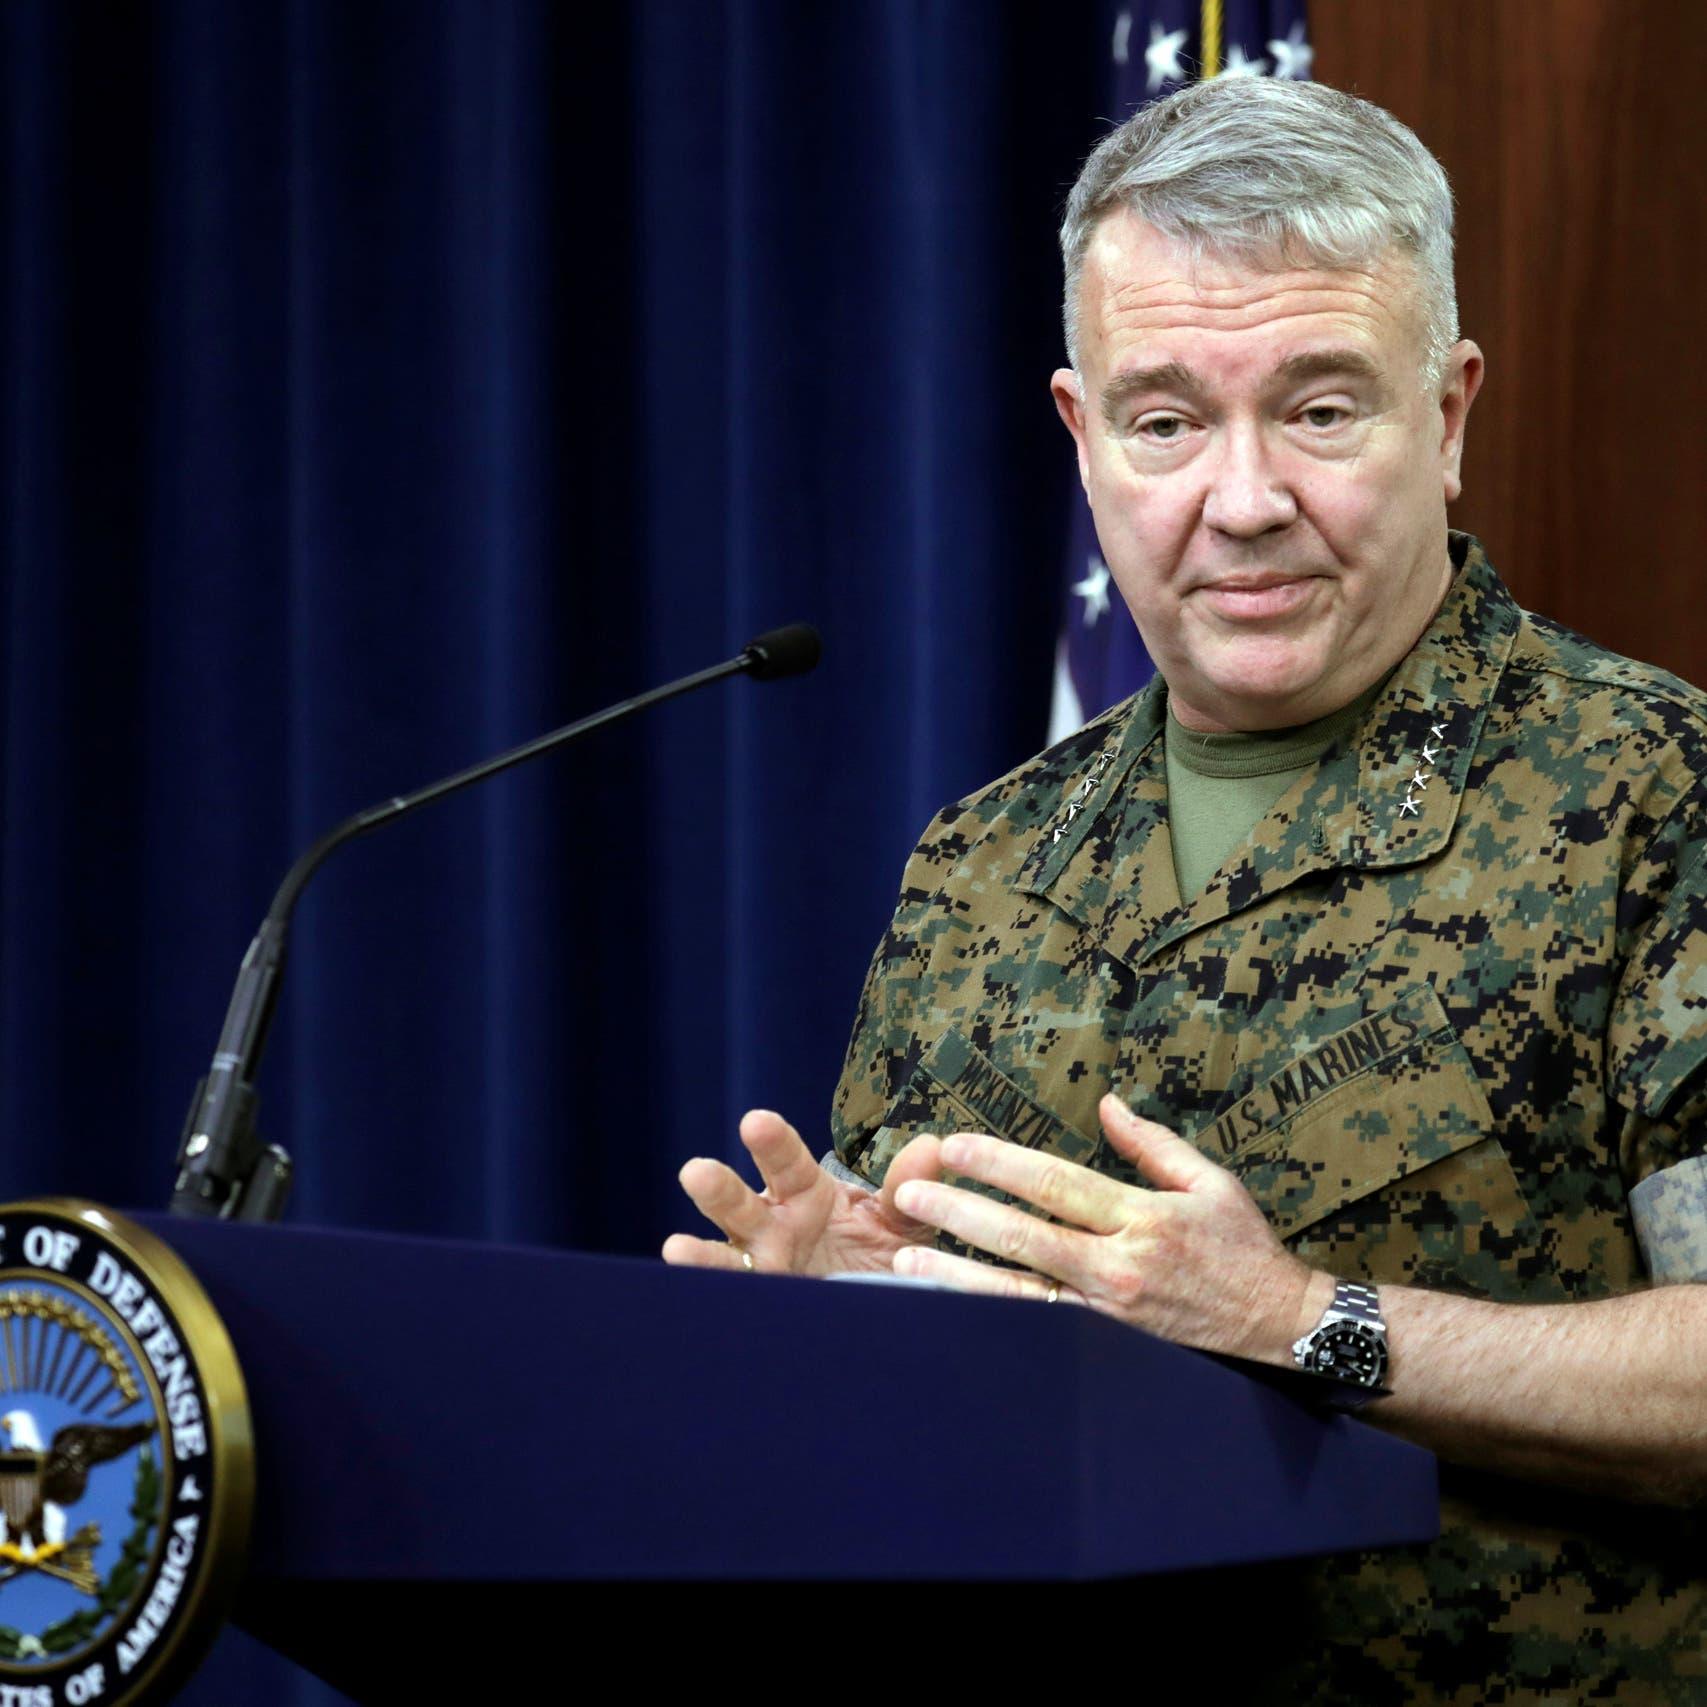 ماكنزي: نواصل الانسحاب من أفغانستان وطالبان لم تهاجم قواتنا المنسحبة